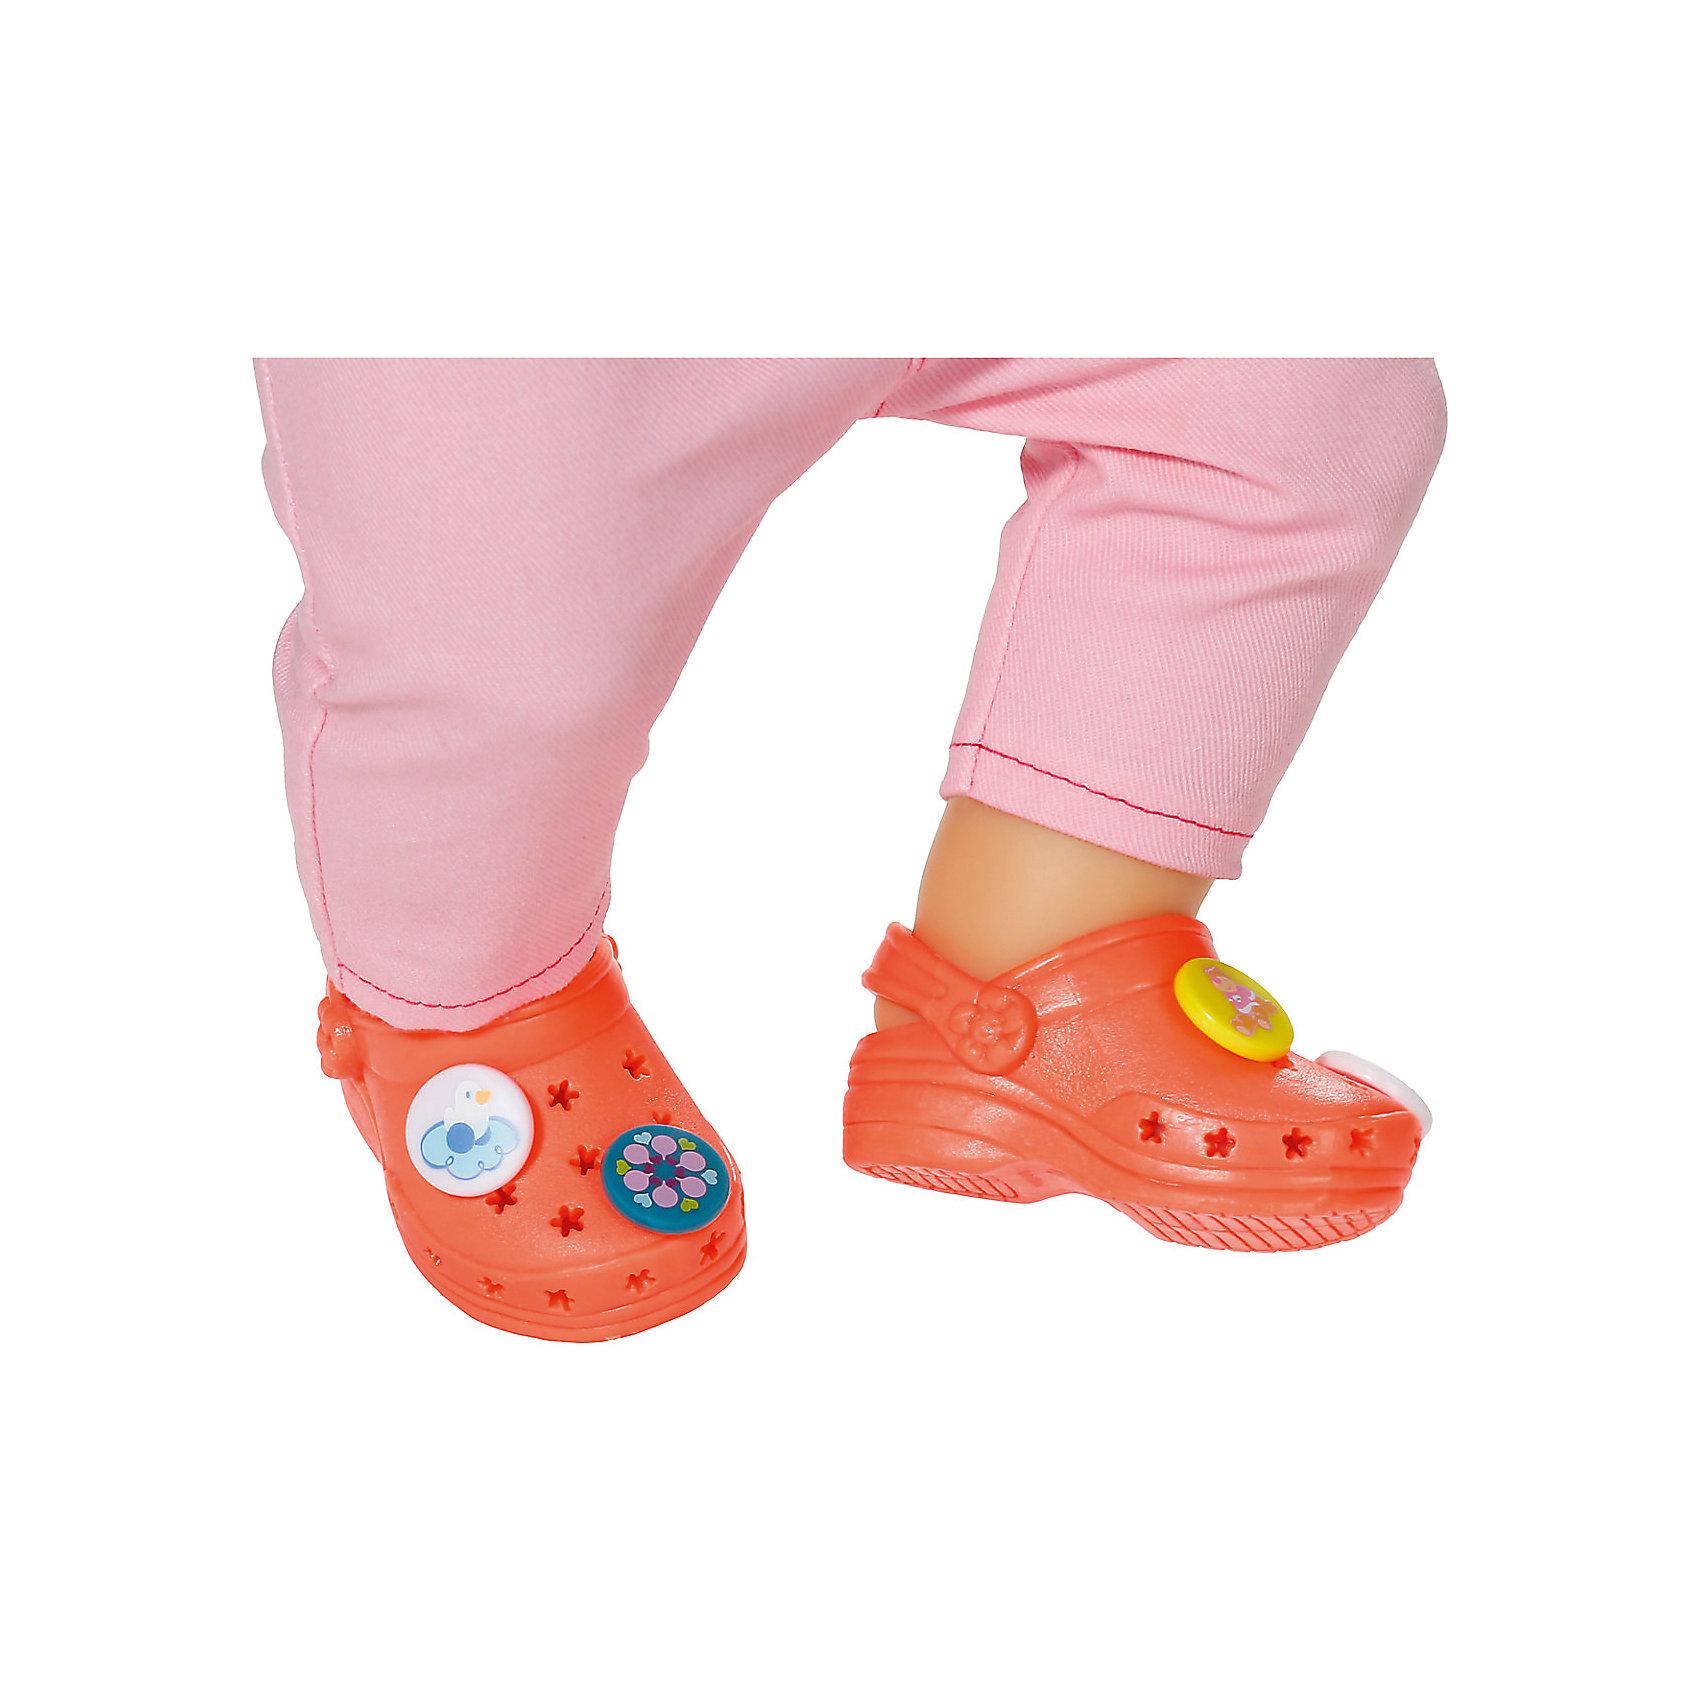 Сандалии фантазийные, оранжевые, BABY bornОдежда для кукол<br>Характеристики товара:<br><br>- цвет: оранжевый;<br>- материал: полиуретан;<br>- наличие застежки;<br>- возраст: от трех лет.<br><br>Кукольная обувь – мечта всех девочек, обожающих играть в дочки-матери! Куклы Бэби Борн – абсолютные фавориты среди детских игрушек. Одно из преимуществ моделей – возможность переодевать куклу на свое усмотрение. Фантазийные сандали – интересный и необычный аксессуар, который представлен в новой коллекции одежды для куклы Бэби борн. Сандали можно украшать забавными элементами, закрепляя их в специальных дырочках. Материалы, использованные при изготовлении изделия, абсолютно безопасны и полностью отвечают международным требованиям по качеству детских товаров.<br><br>Сандали фантазийные, оранжевые, BABY born можно купить в нашем интернет-магазине.<br><br>Ширина мм: 178<br>Глубина мм: 129<br>Высота мм: 40<br>Вес г: 84<br>Возраст от месяцев: 36<br>Возраст до месяцев: 2147483647<br>Пол: Женский<br>Возраст: Детский<br>SKU: 5094035